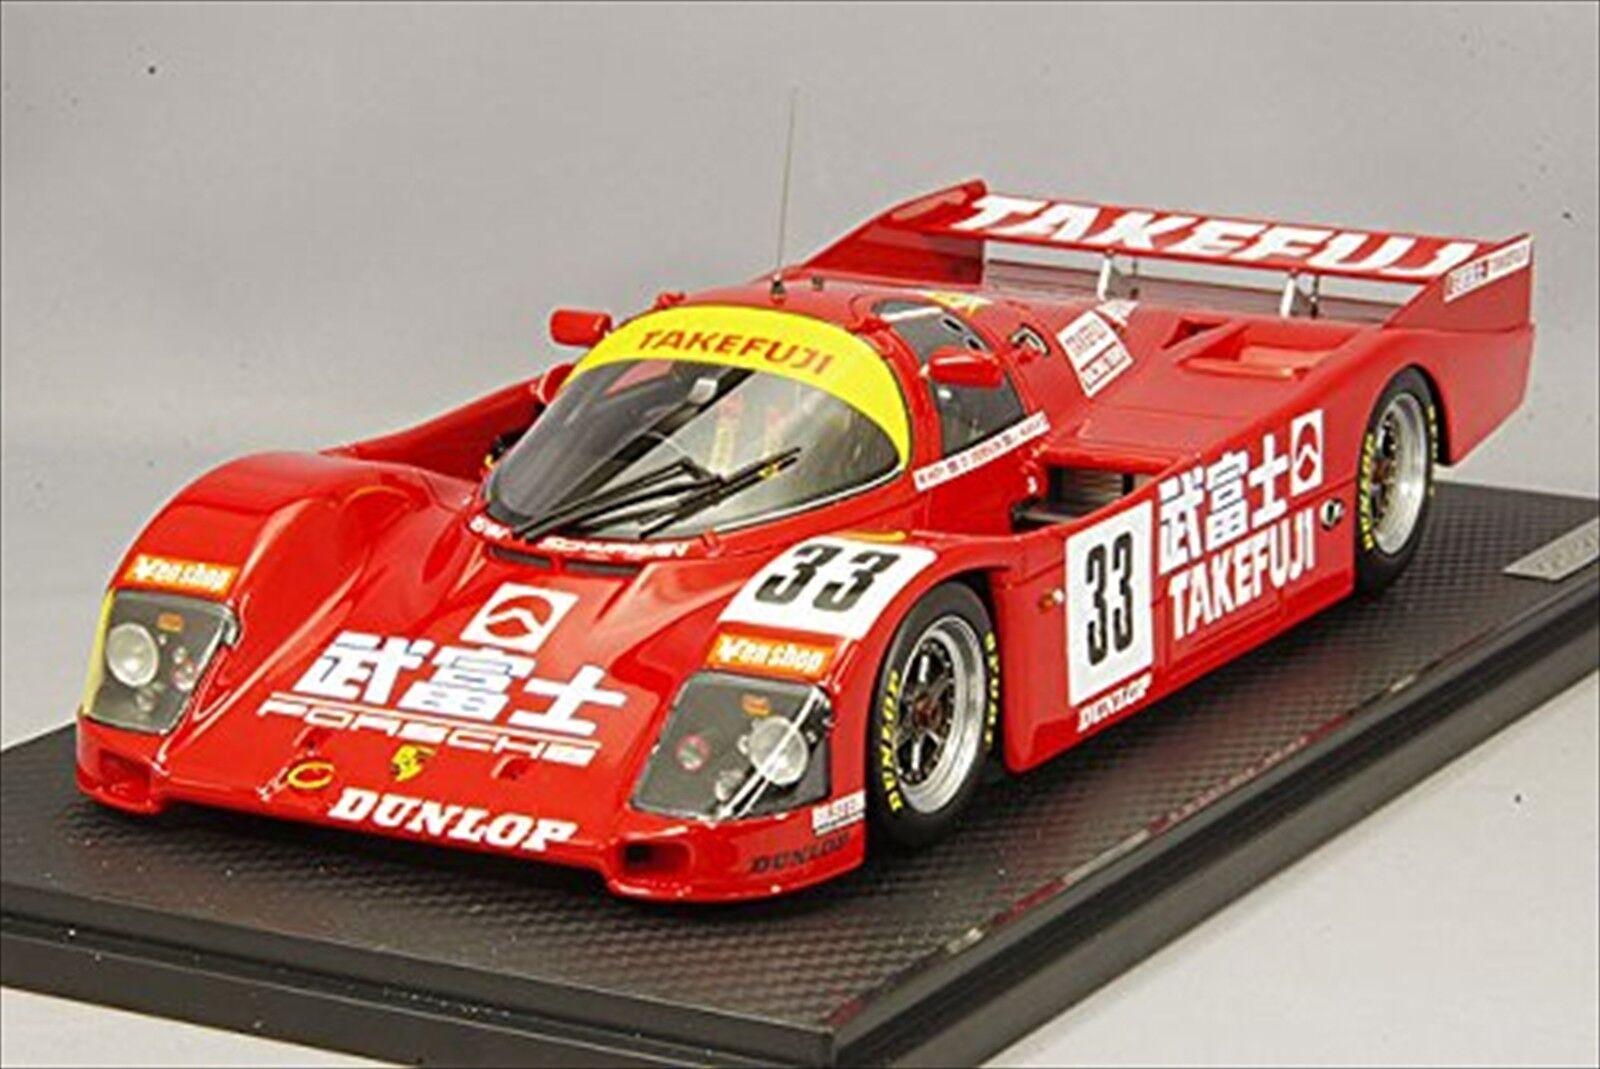 Ignition Model 1 18 Takefuji PORSCHE 962 C 1989 LE MANS 24 H  33 IG1205 Rouge Nouveau